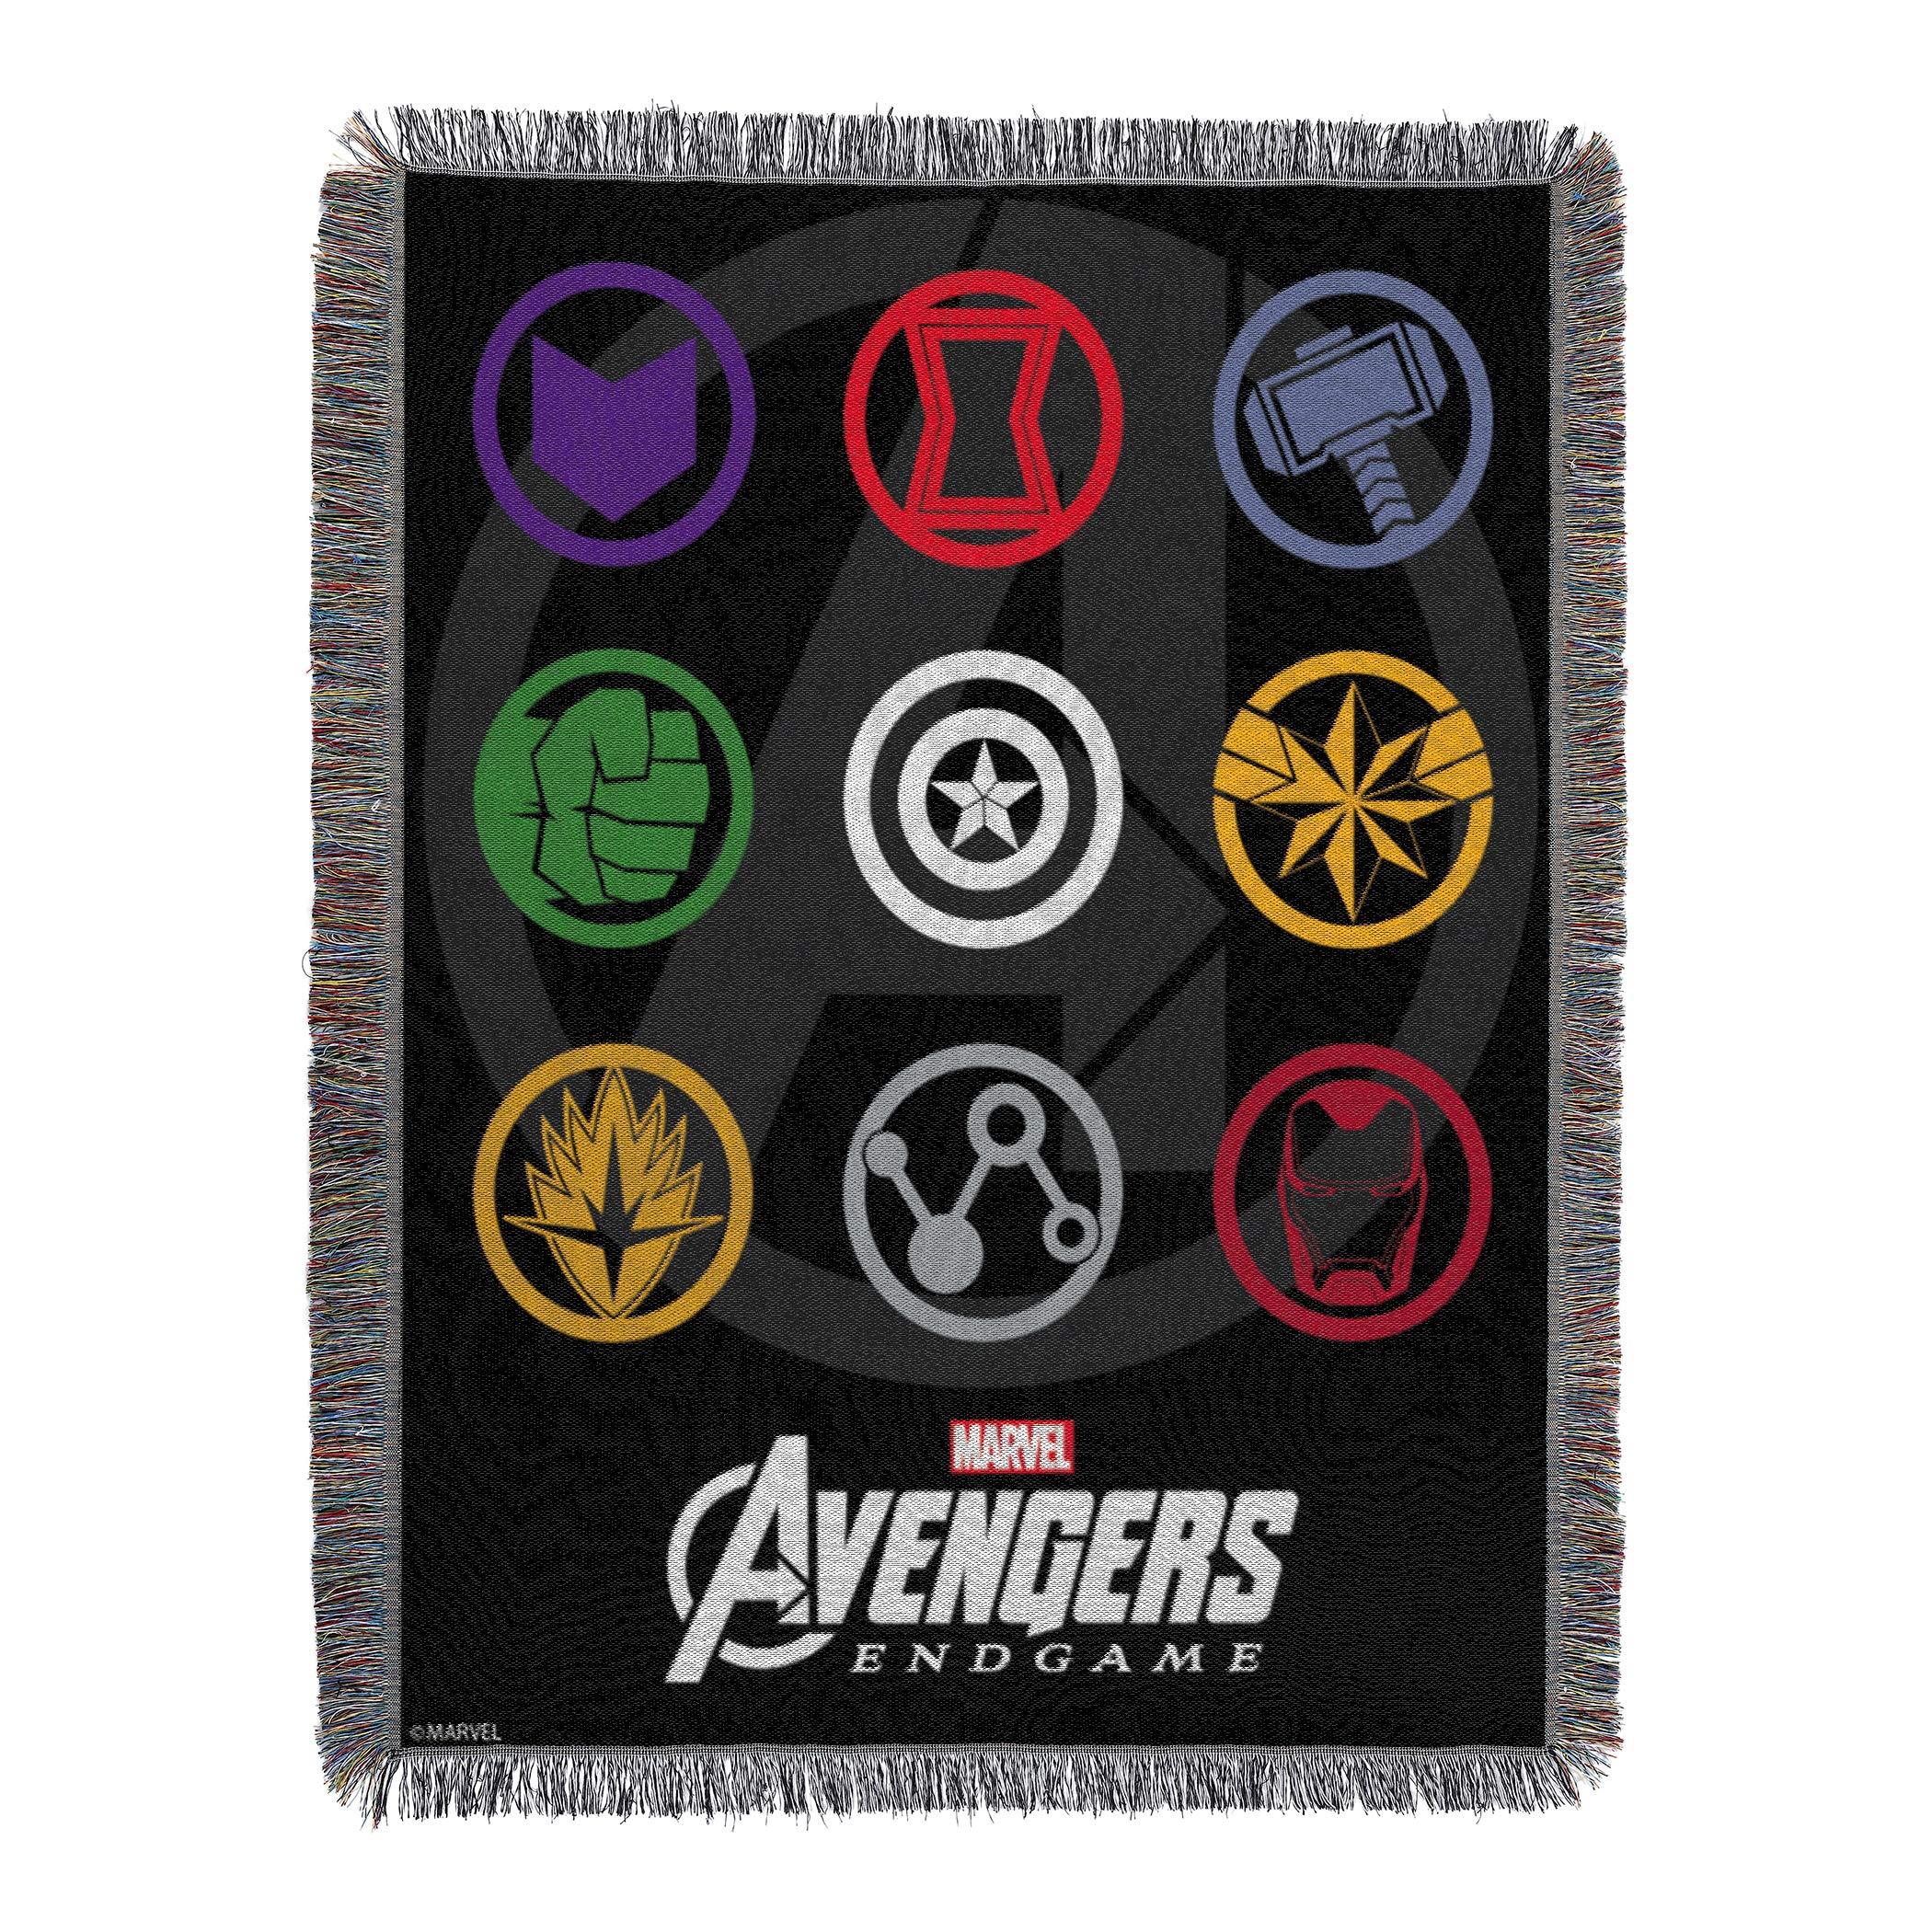 Marvel's Avengers Endgame, ''Symbols'' Woven Tapestry Throw Blanket, 48'' x 60'', Multi Color